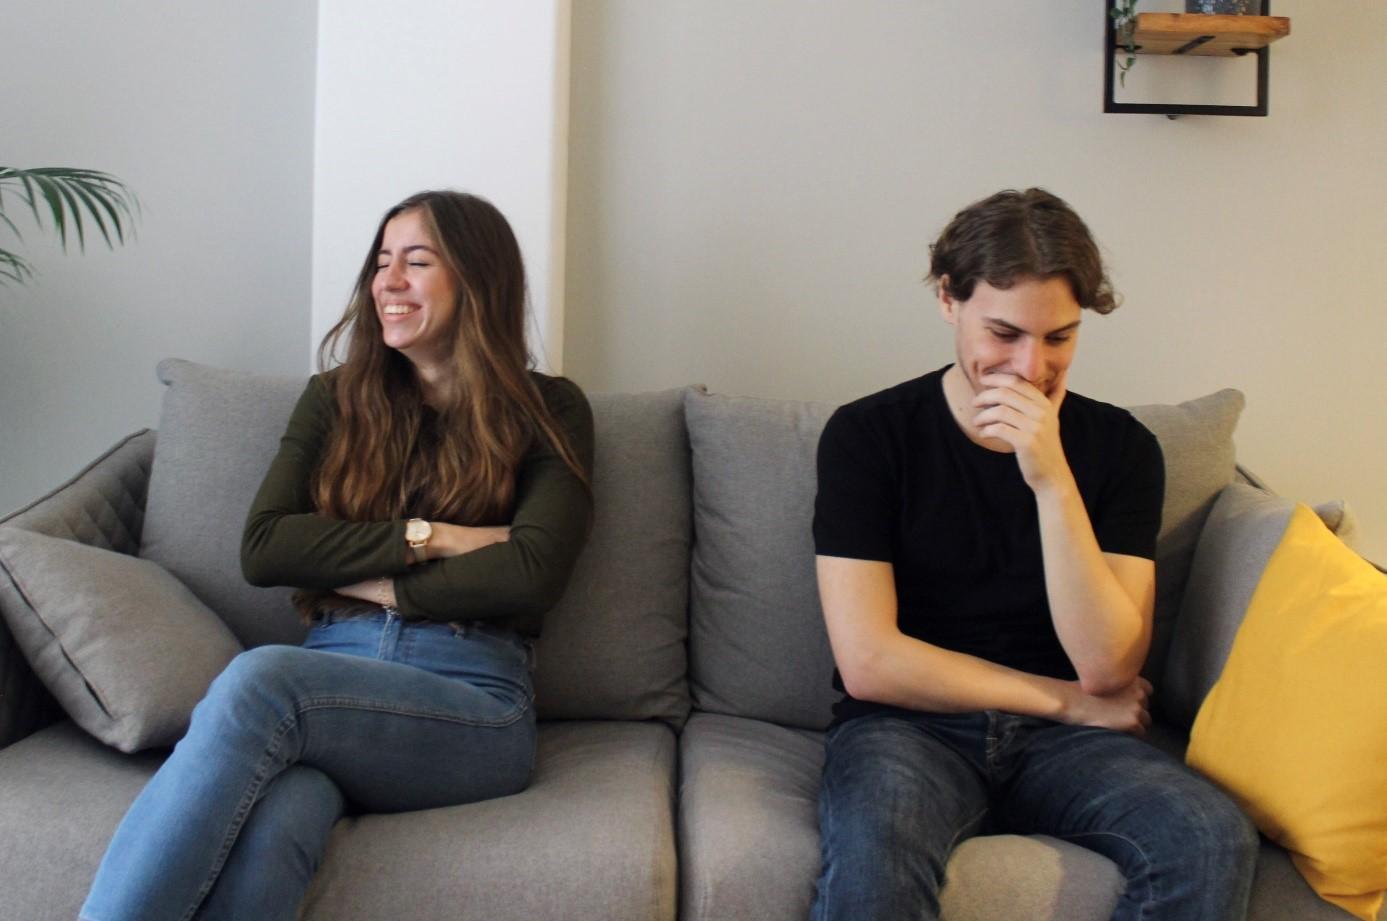 megcsalás hűtlenség hűség párkapcsolat pszichológia párterápia pszichogram online